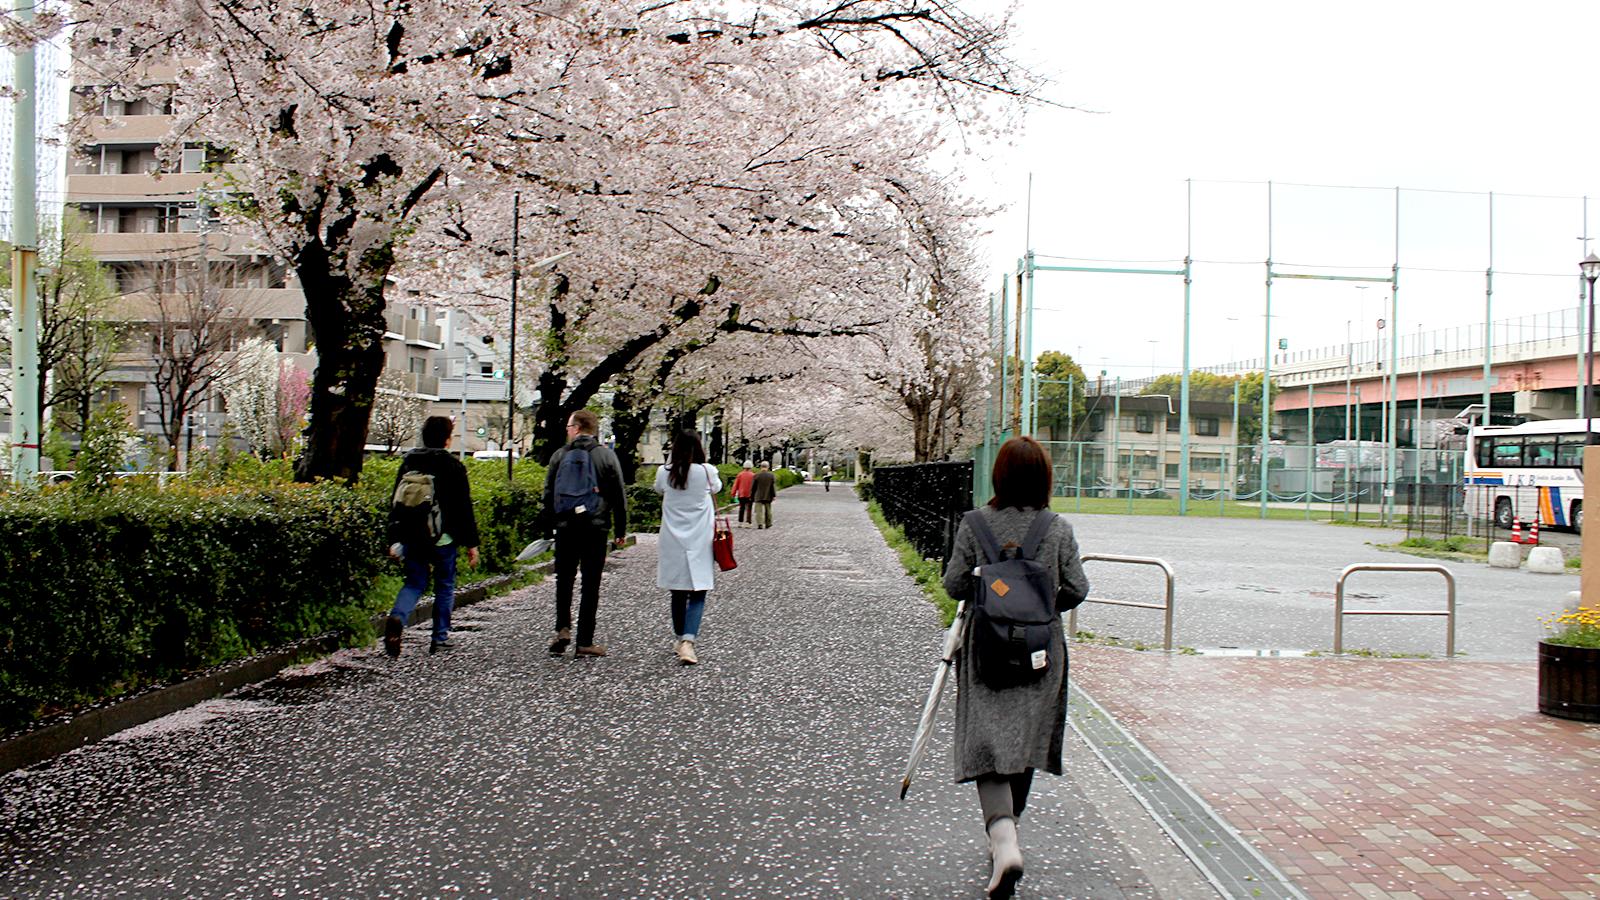 隅田川沿いの桜のトンネル